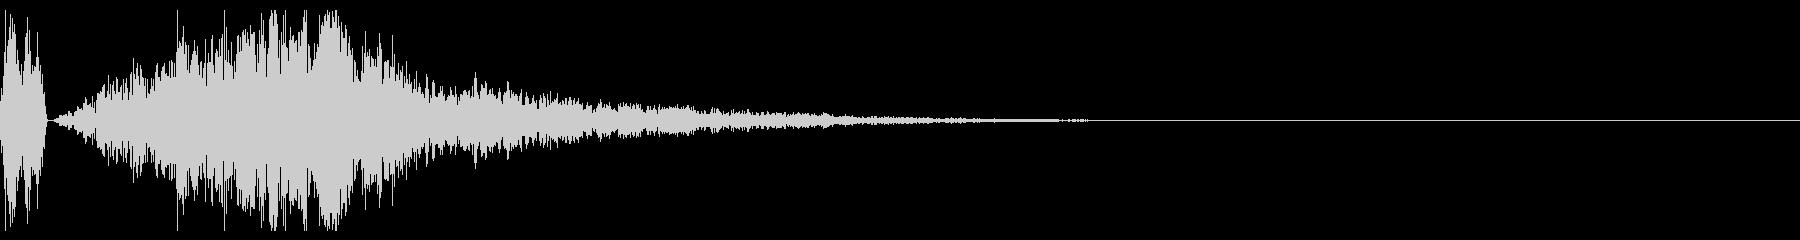 シュポーン (ワープするような音)の未再生の波形